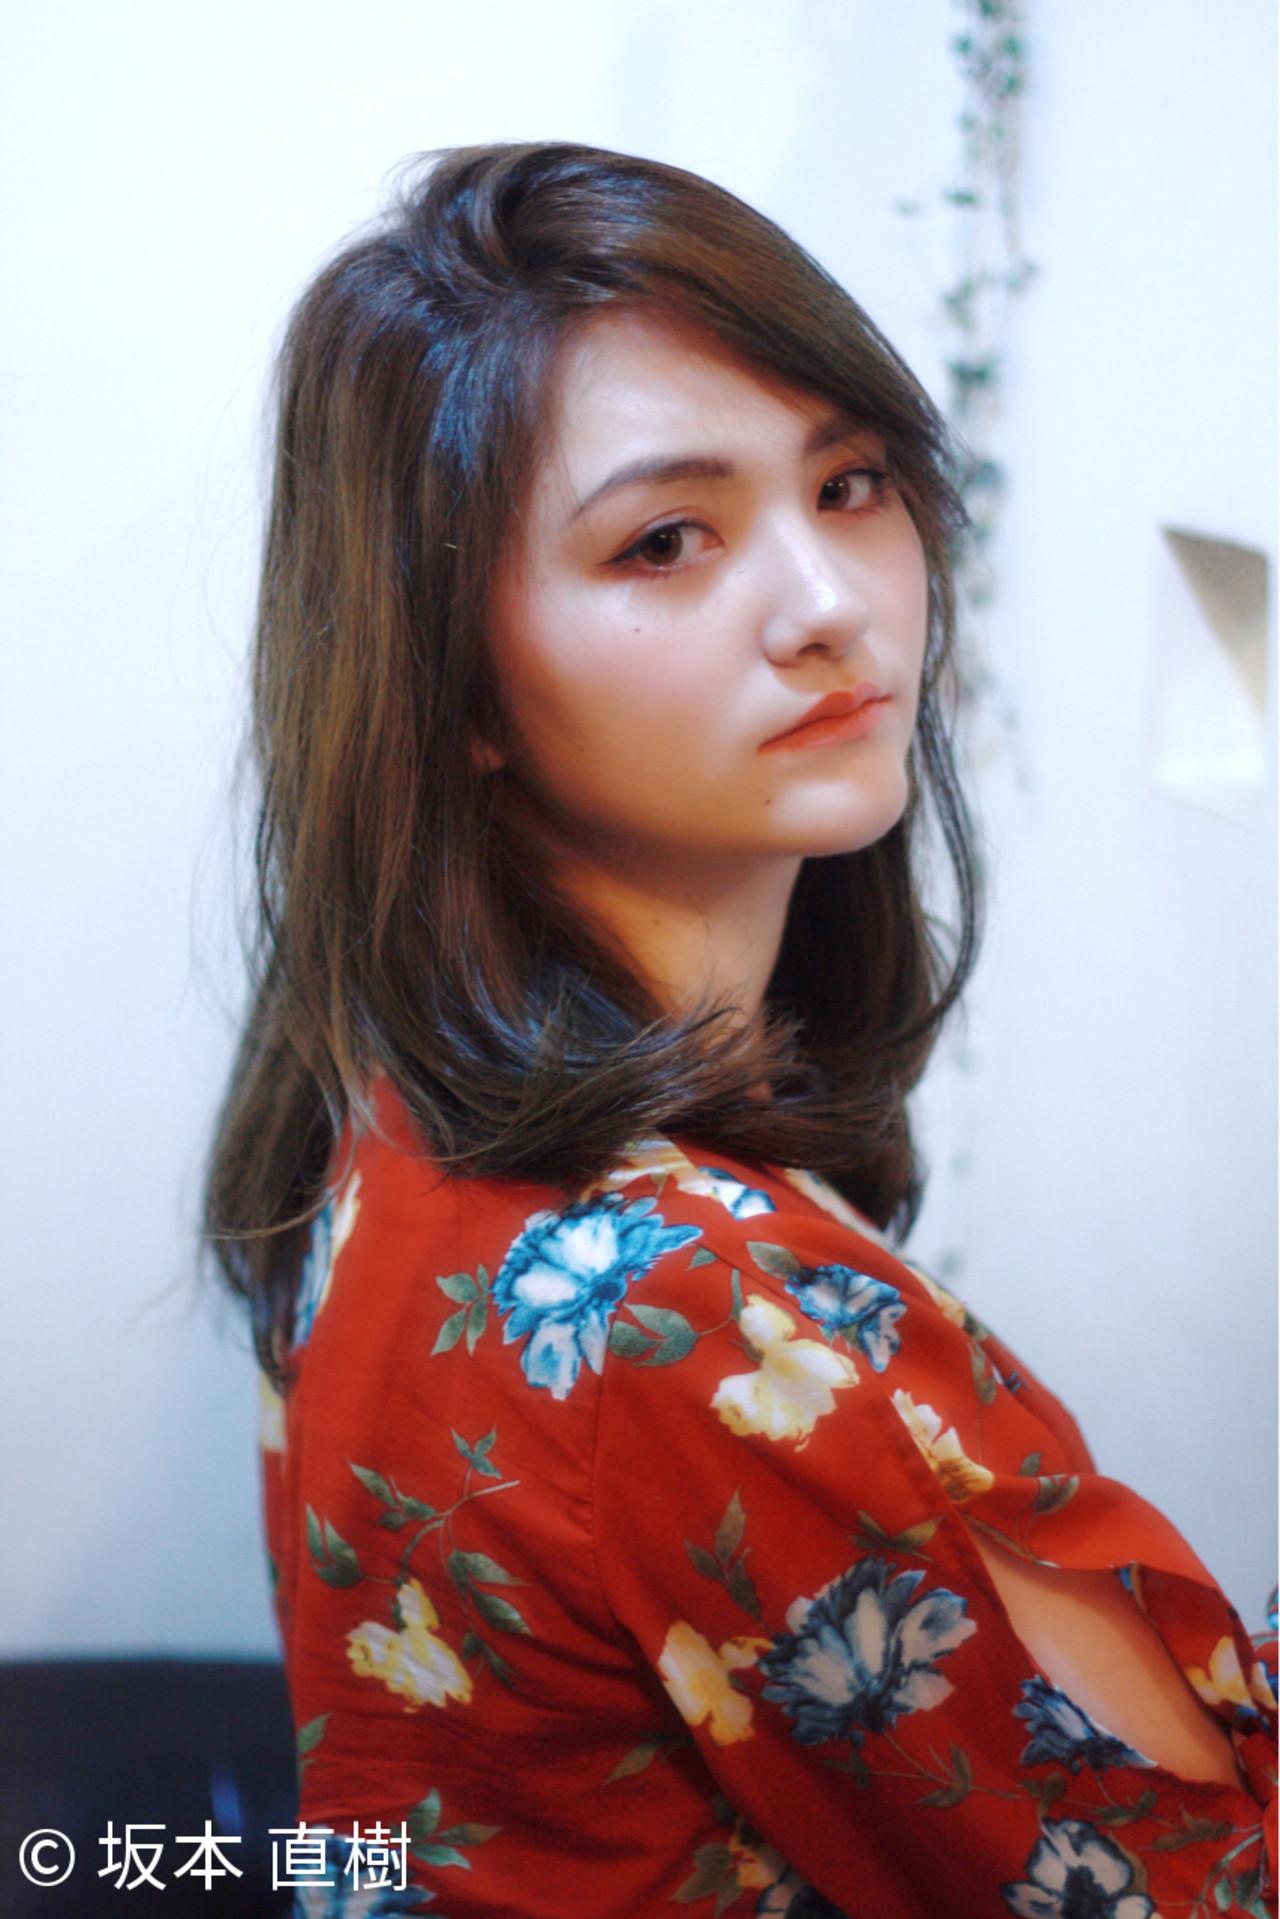 かき上げ前髪 前髪あり ナチュラル ローライト ヘアスタイルや髪型の写真・画像